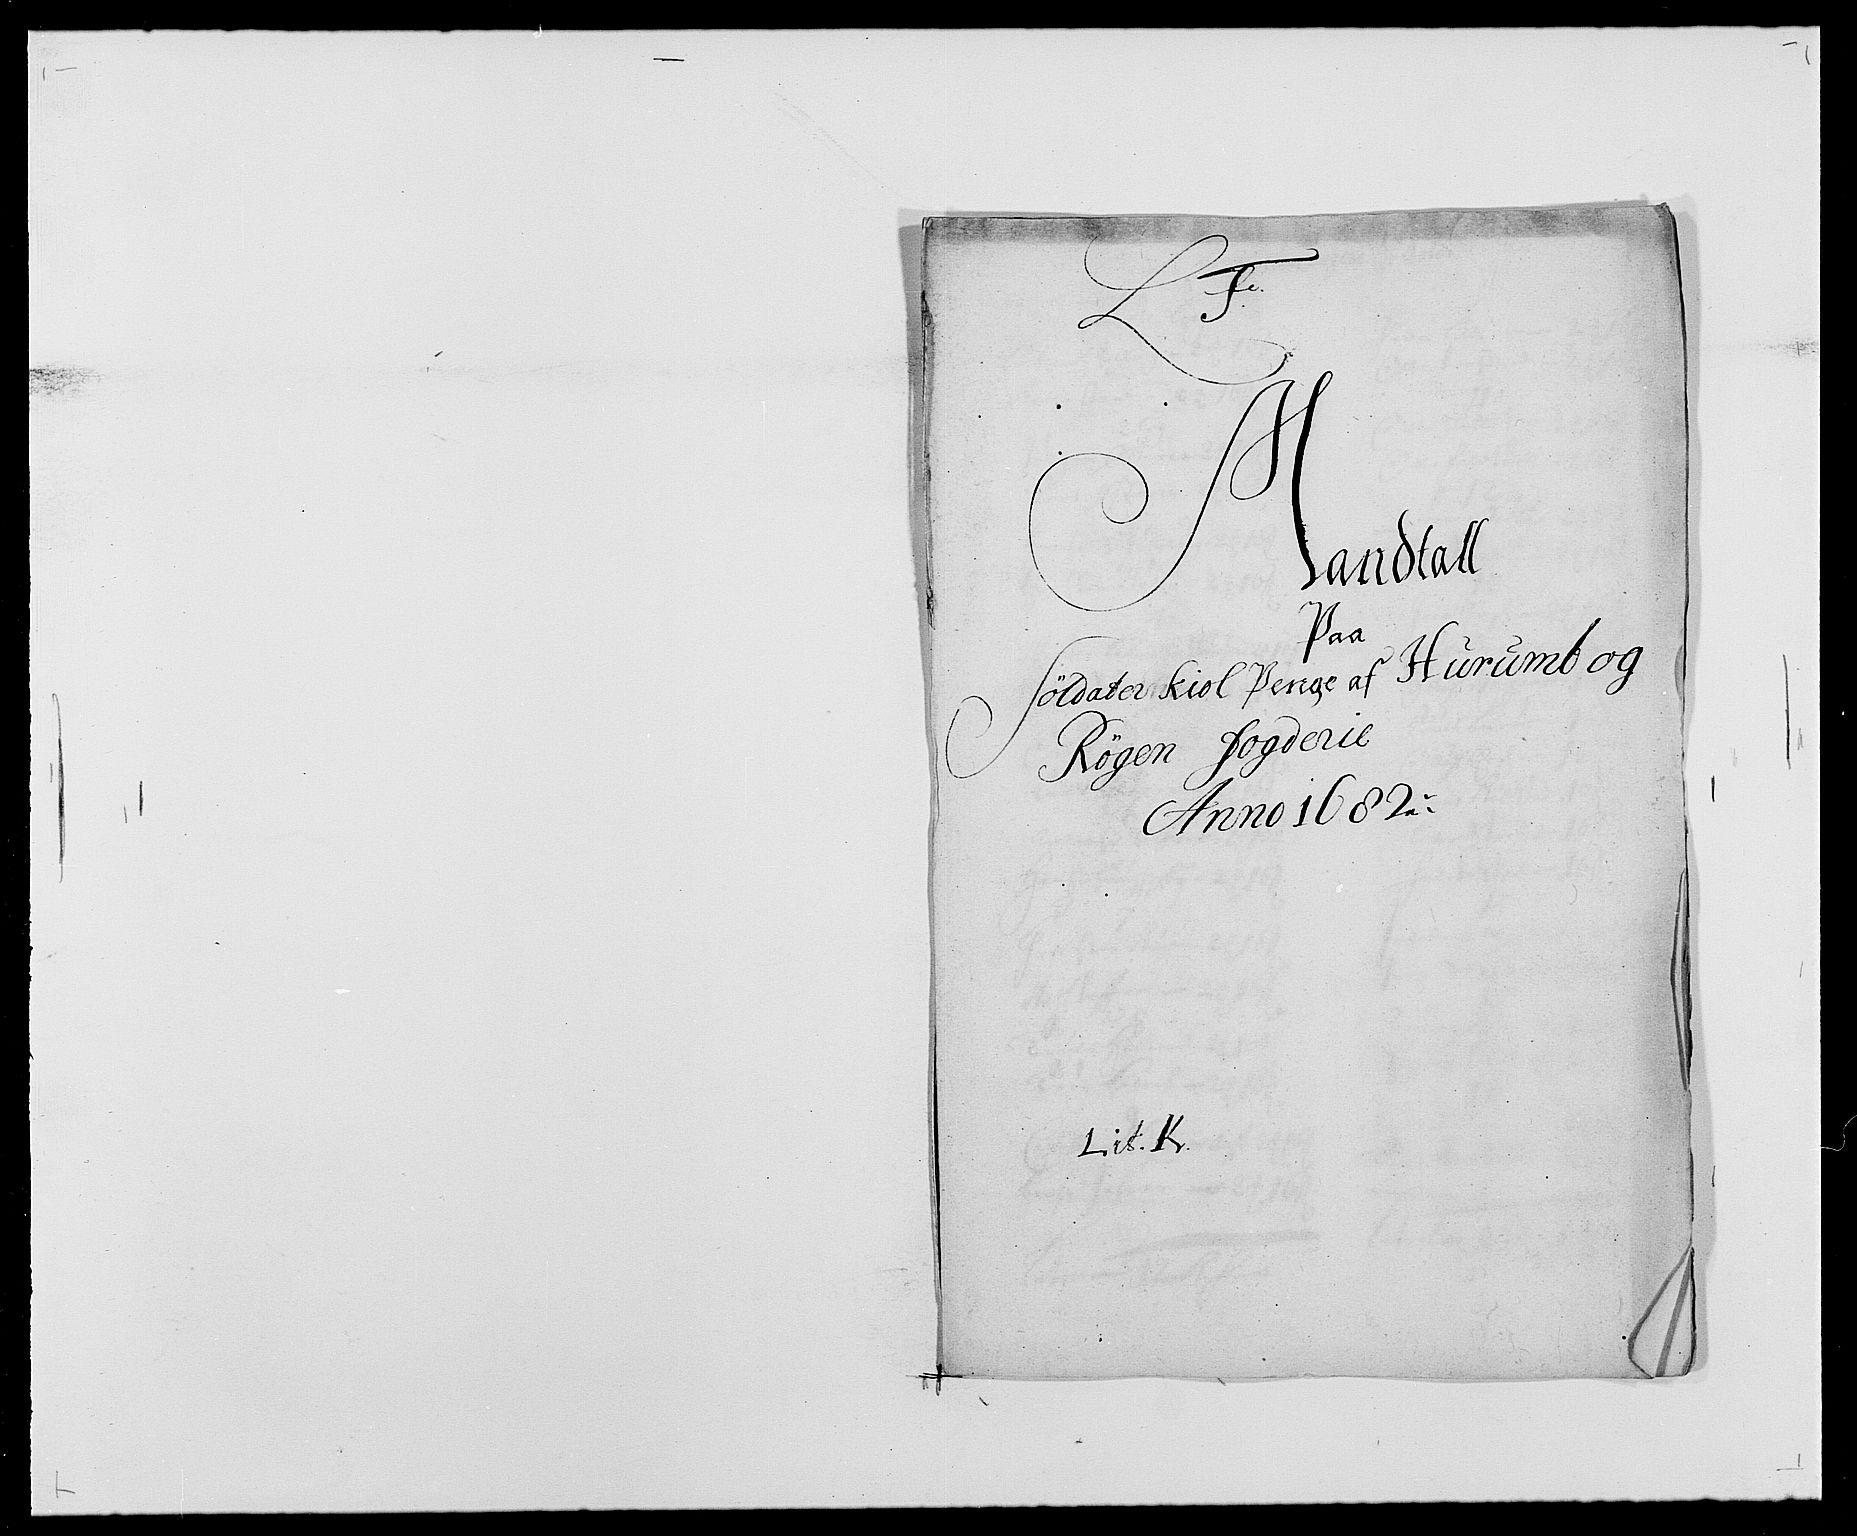 RA, Rentekammeret inntil 1814, Reviderte regnskaper, Fogderegnskap, R29/L1692: Fogderegnskap Hurum og Røyken, 1682-1687, s. 89